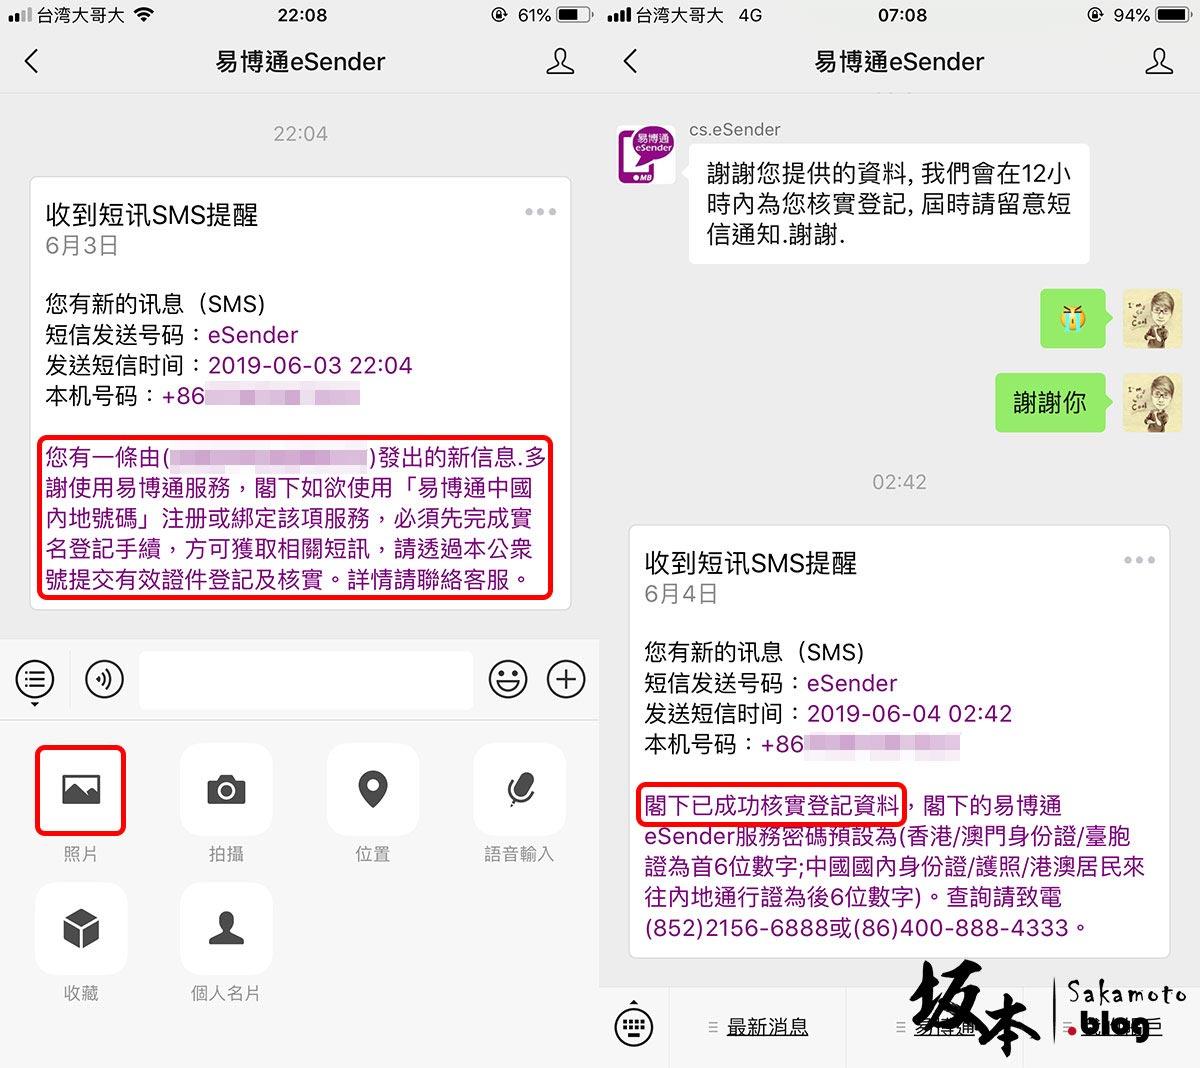 易博通 eSender 申請中國門號免SIM卡 10